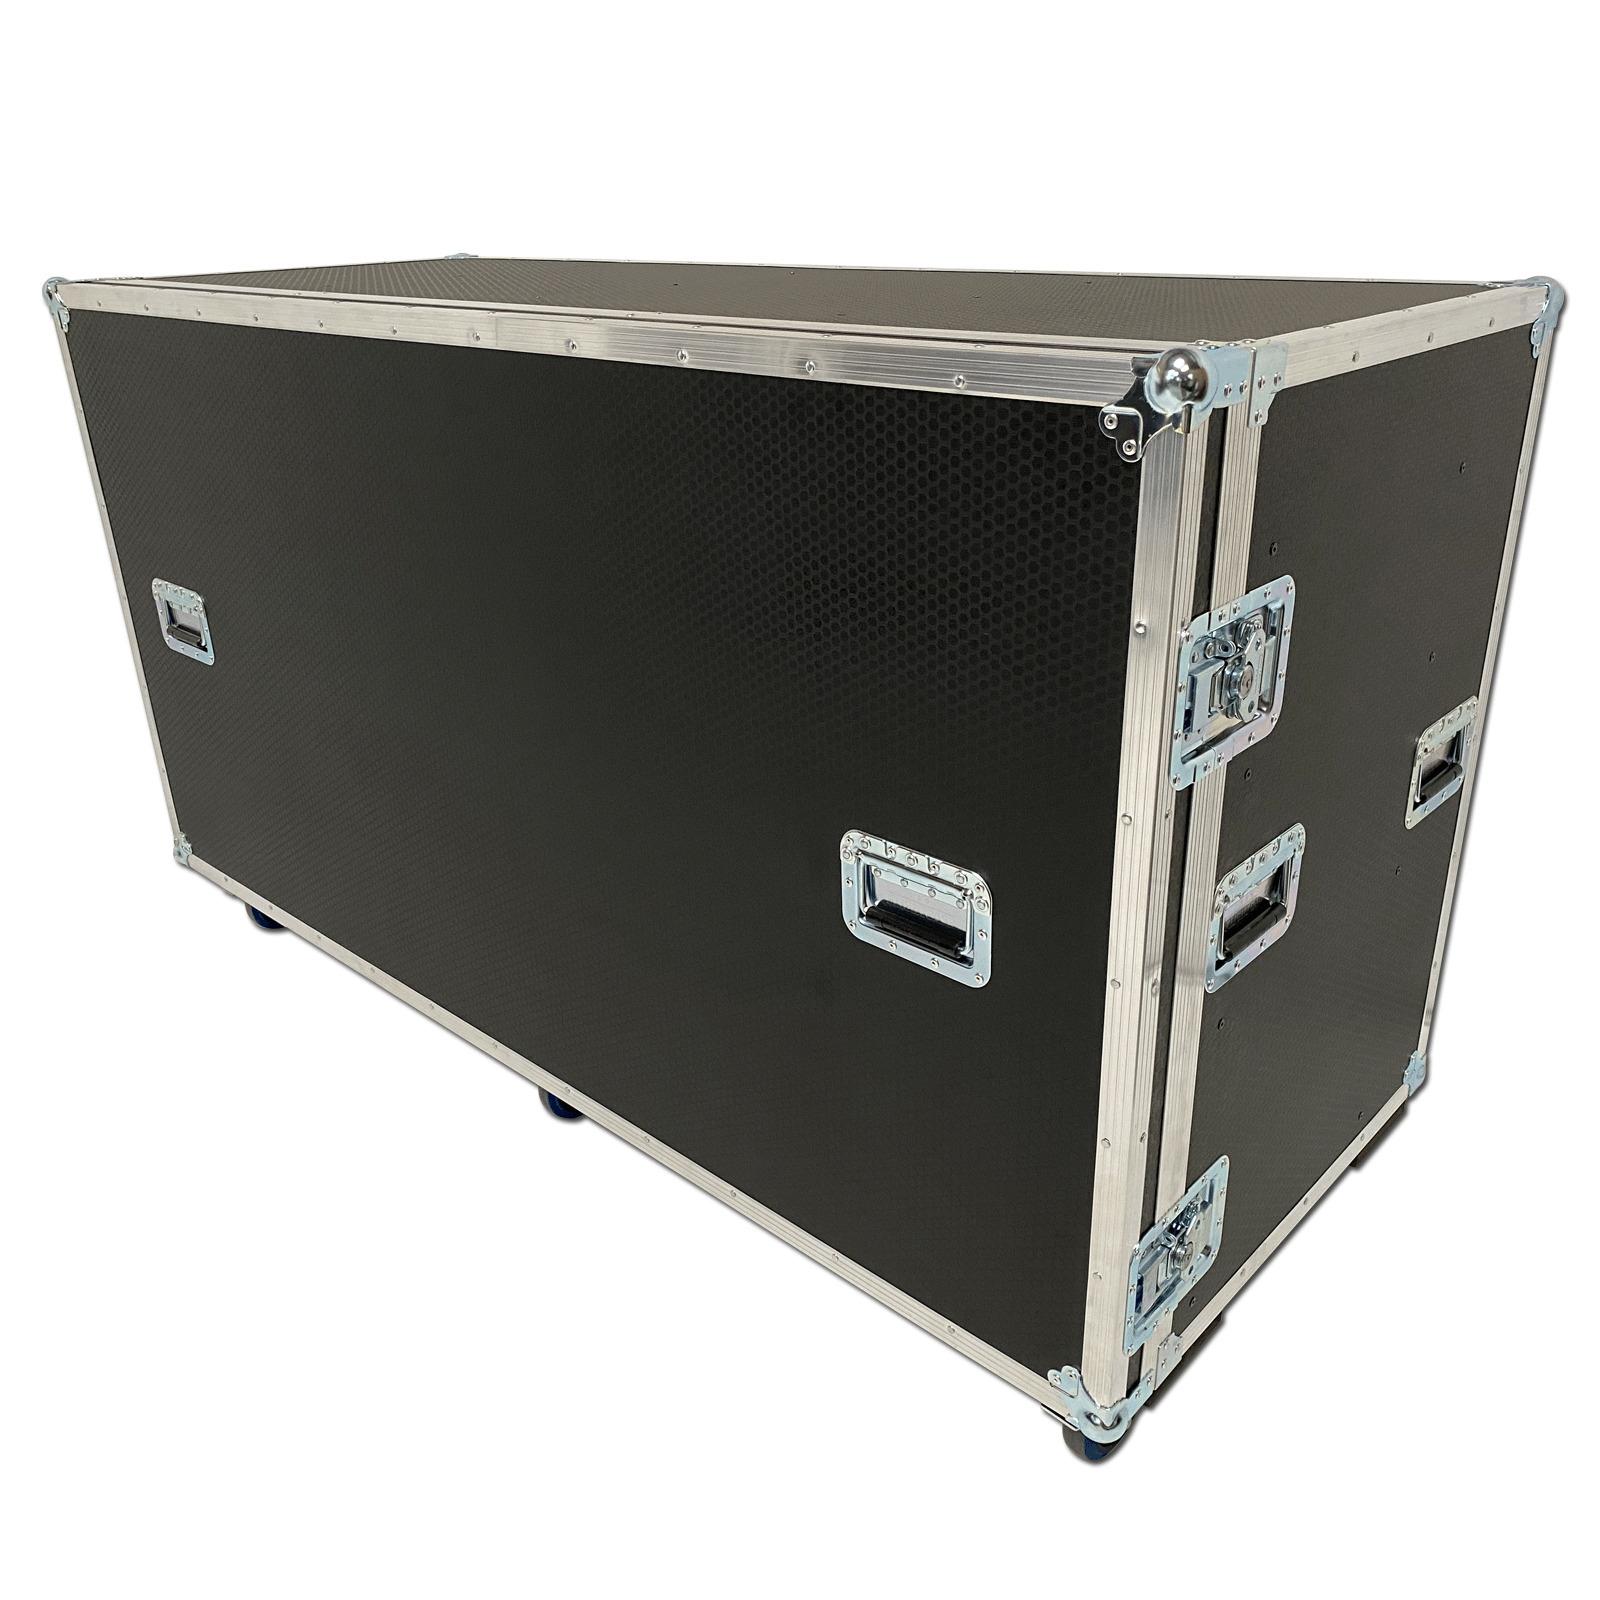 Portable Garage Storage : Portable garage storage flight case